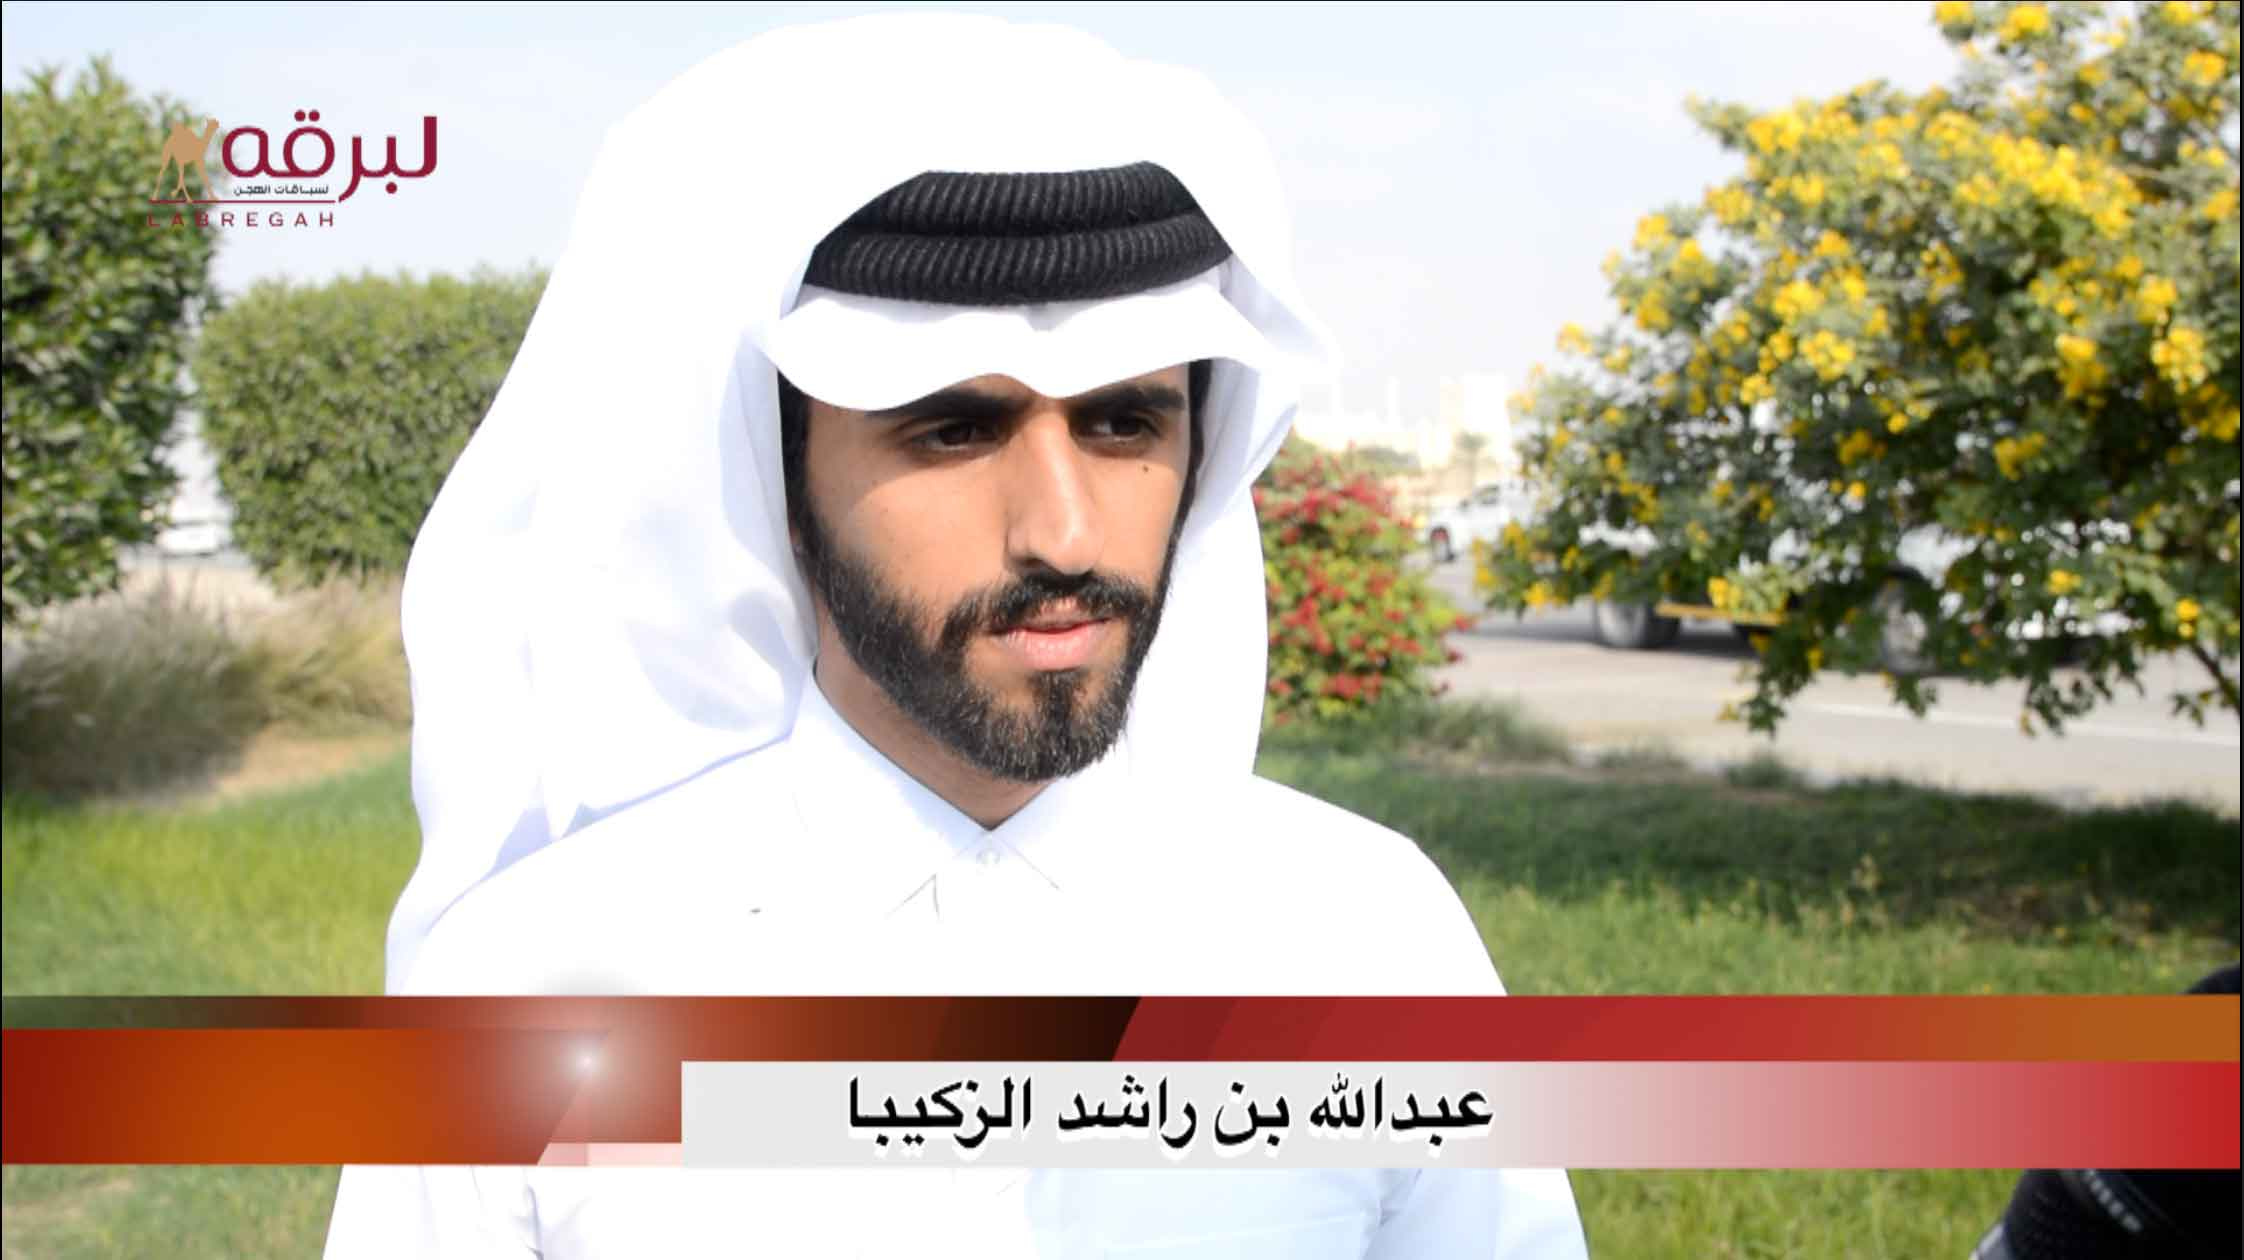 لقاء مع عبدالله بن راشد الزكيبا.. الشوط الرئيسي للثنايا قعدان « إنتاج » الأشواط العامة  ٣١-١٢-٢٠٢٠